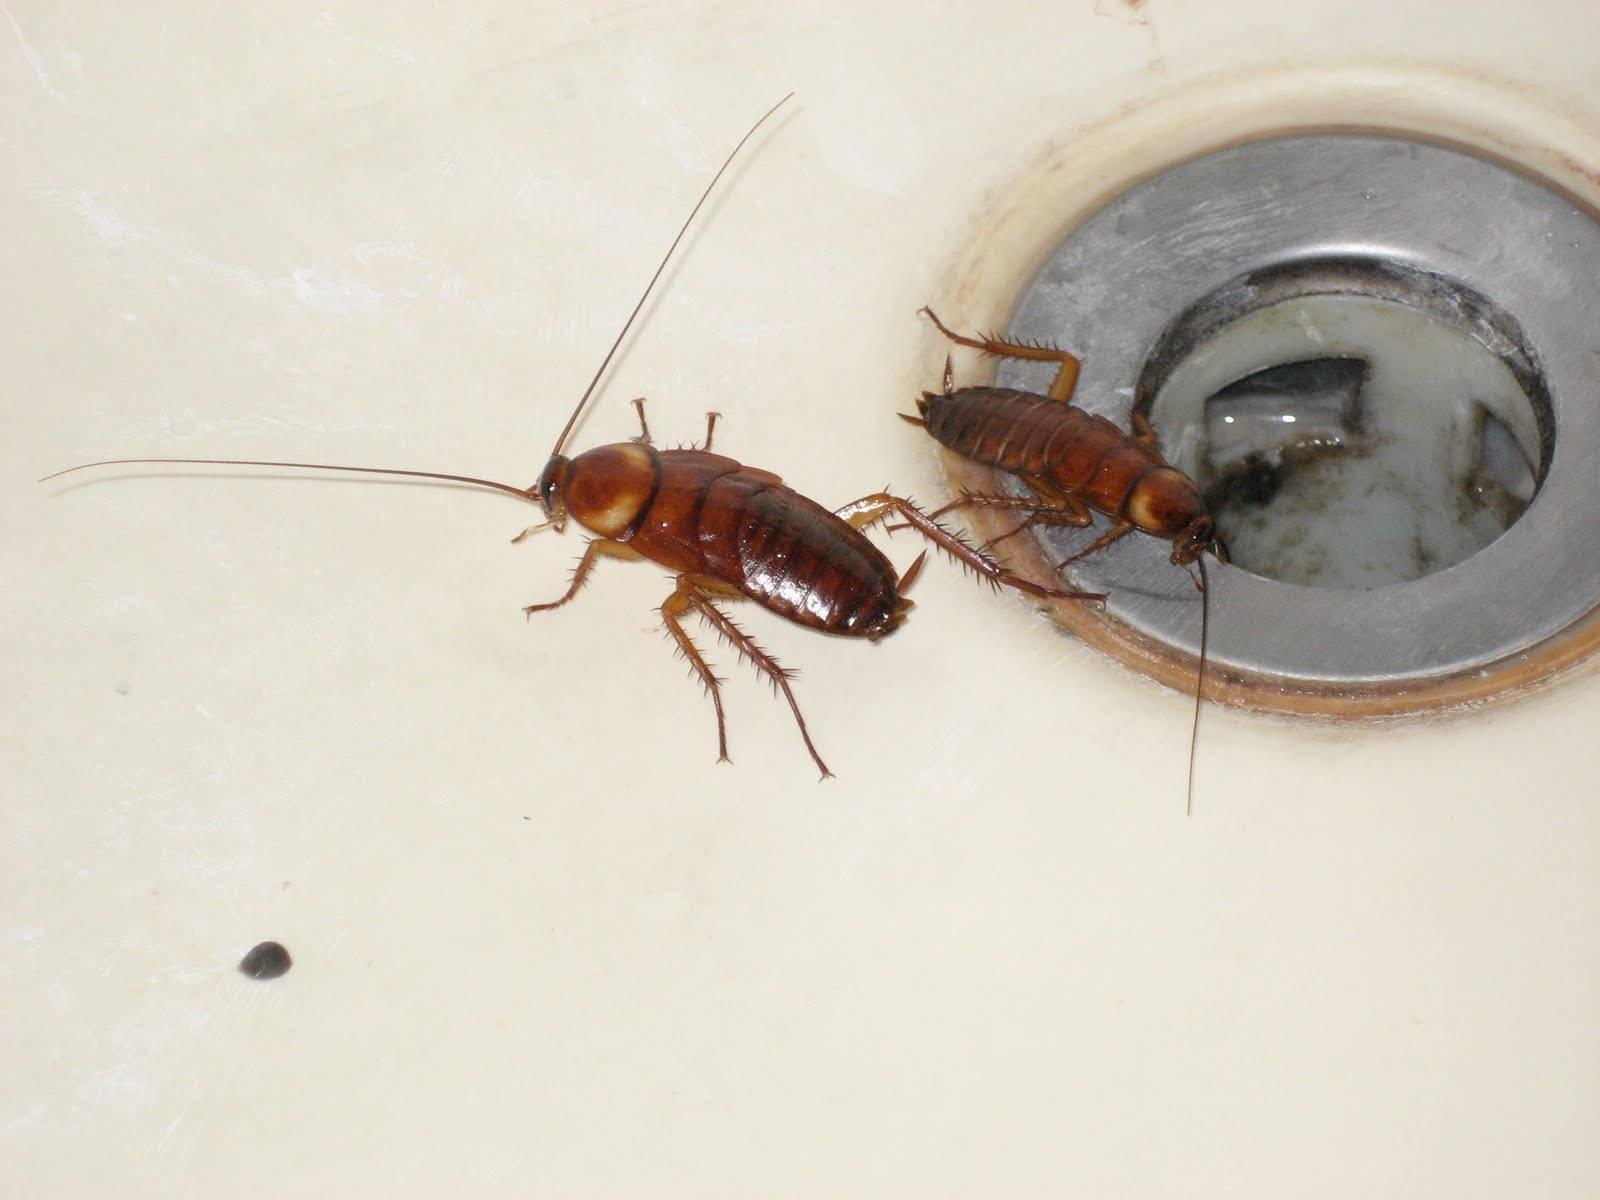 Сколько лет живут домашние, рыжие, черный тараканы и прусаки? сколько без еды, без воды, без головы